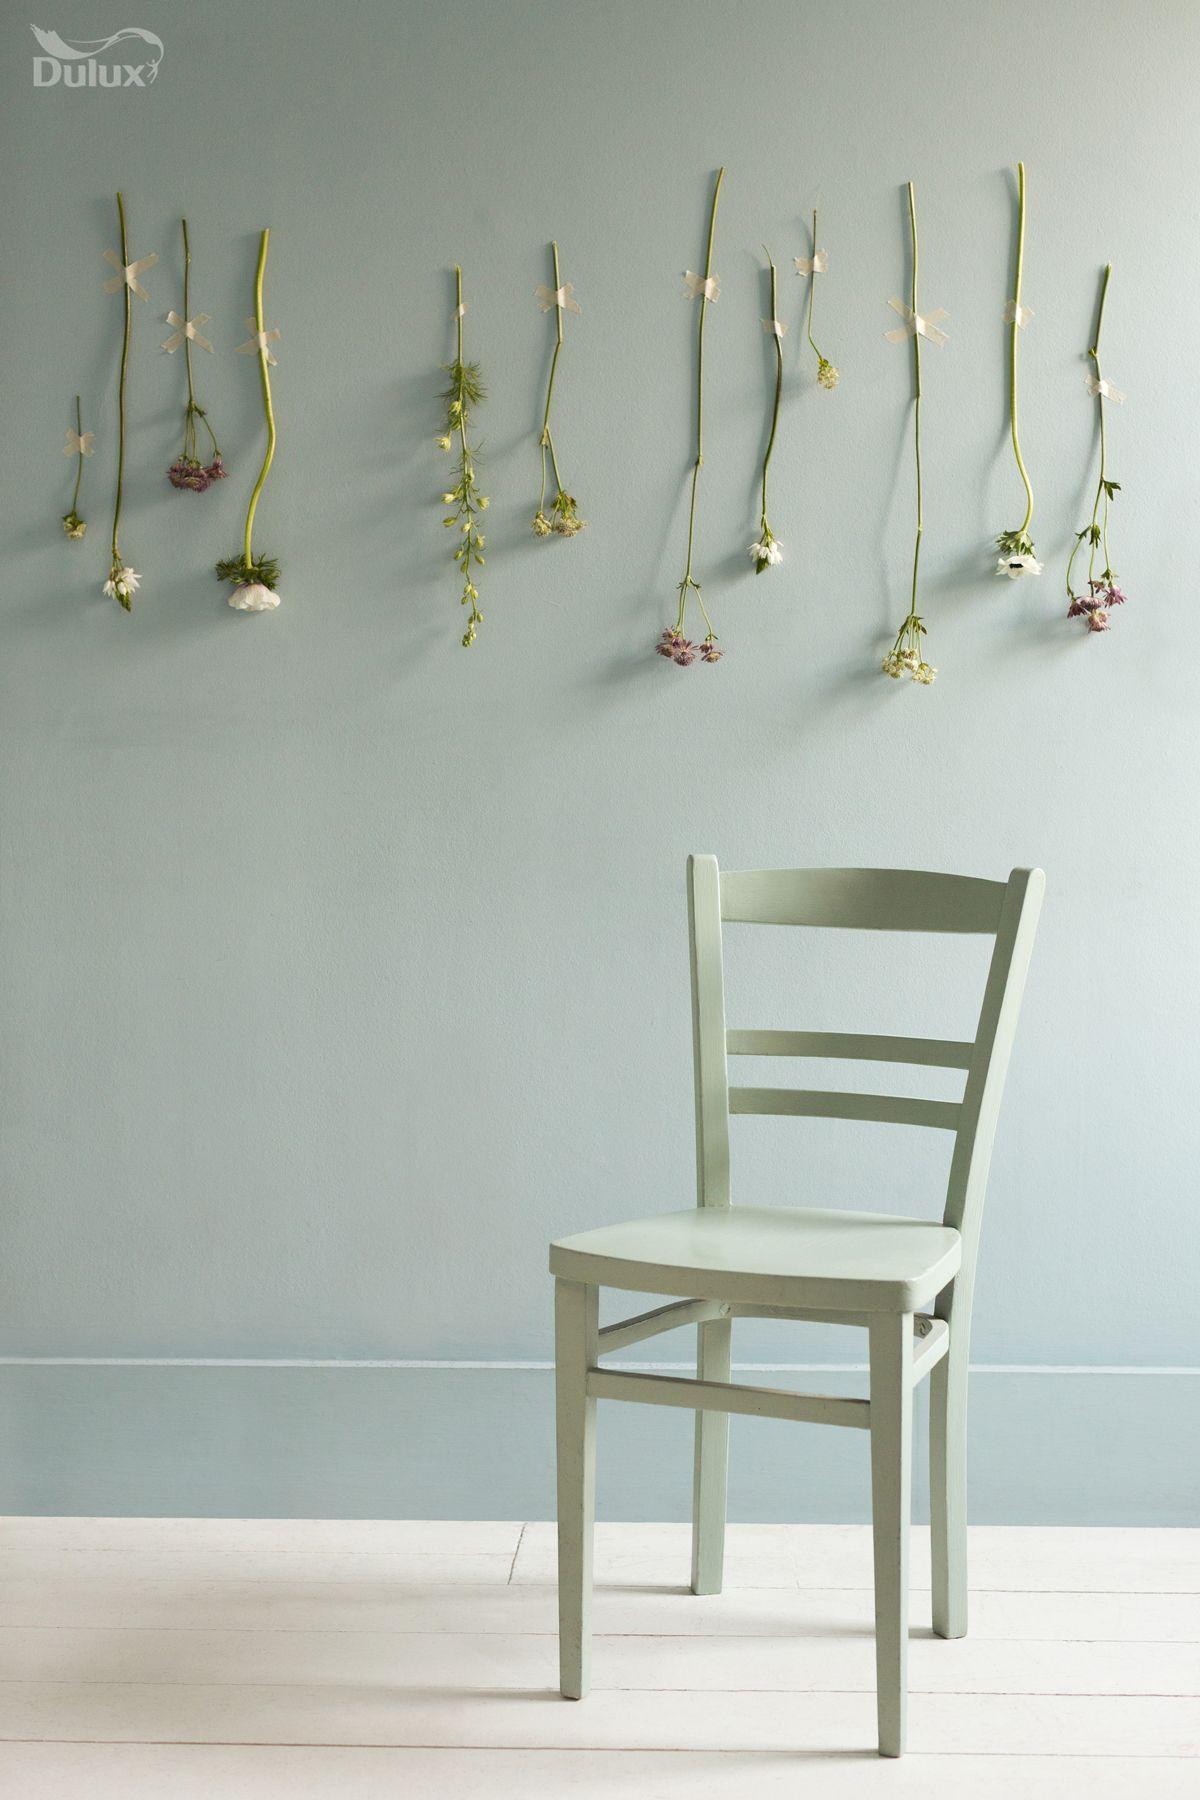 du kannst deinen stuhl in der gleichen farbe lackieren wie die wand mint. Black Bedroom Furniture Sets. Home Design Ideas